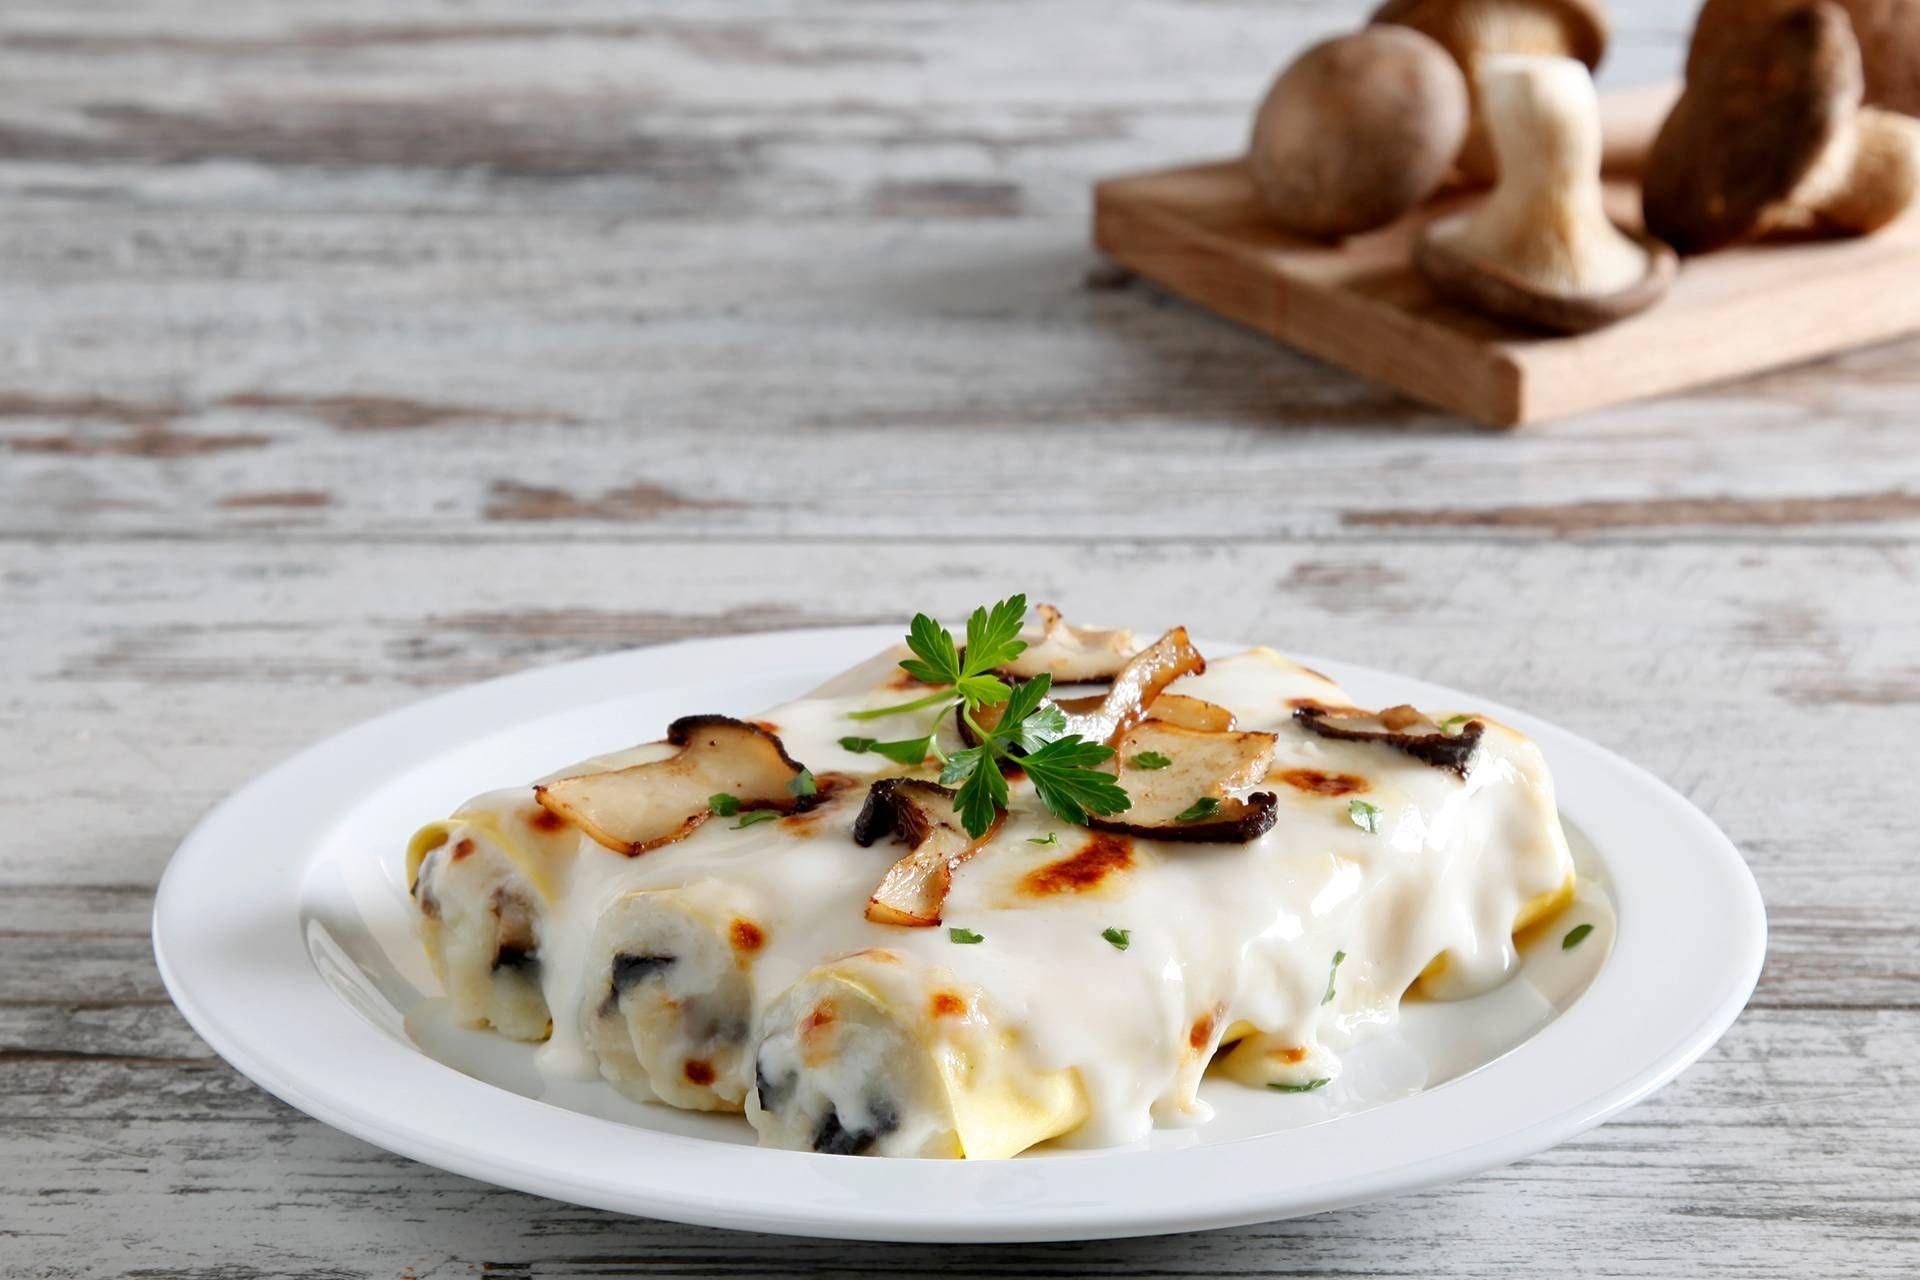 Cannelloni Patate e Funghi - Parmalat